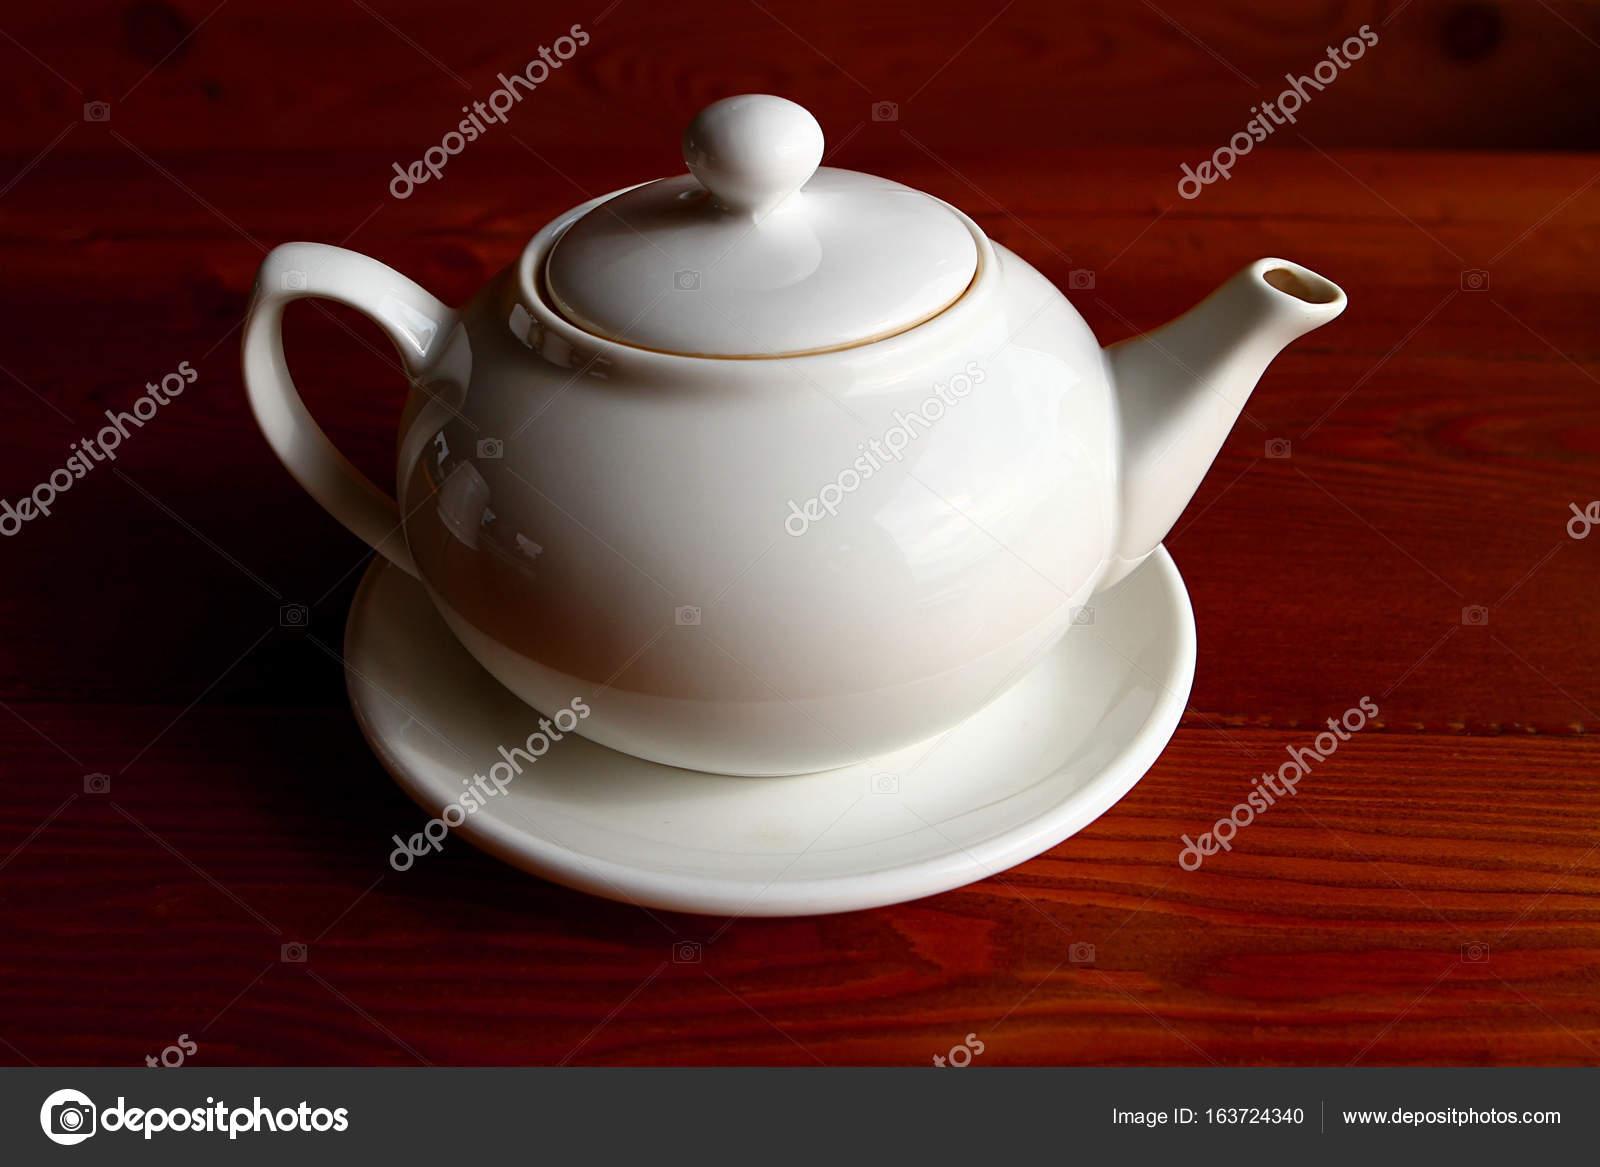 Weiße Teekanne weiße teekanne und die untertasse auf dem holztisch allein